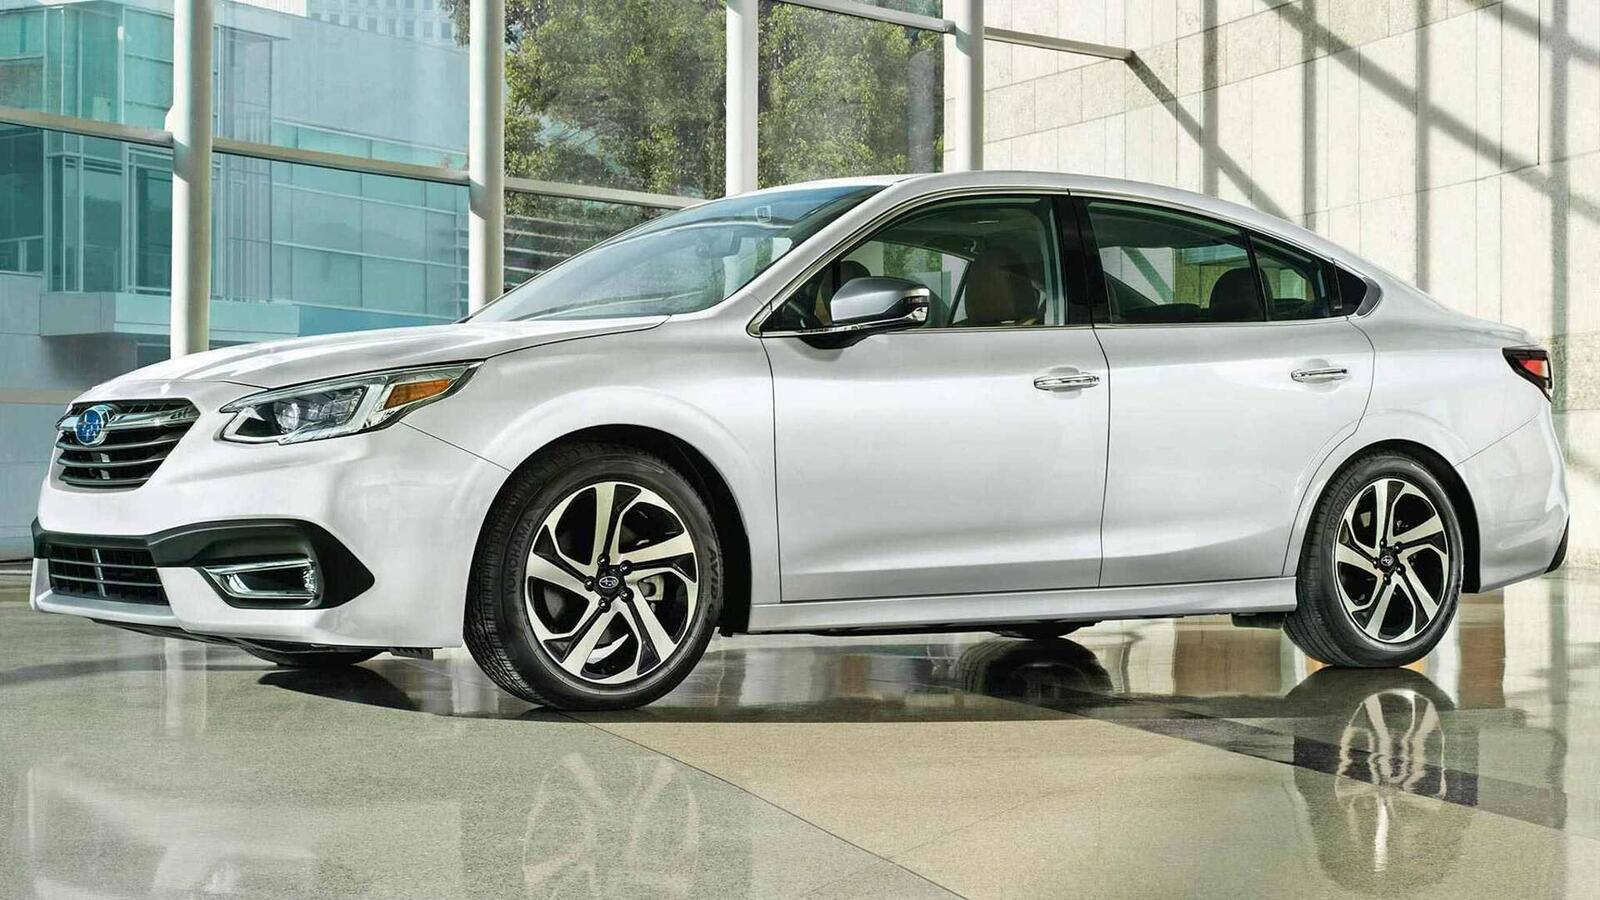 Subaru Legacy thế hệ mới ra mắt; đổi mới thiết kế; có thêm động cơ 2.5L tăng áp - Hình 1